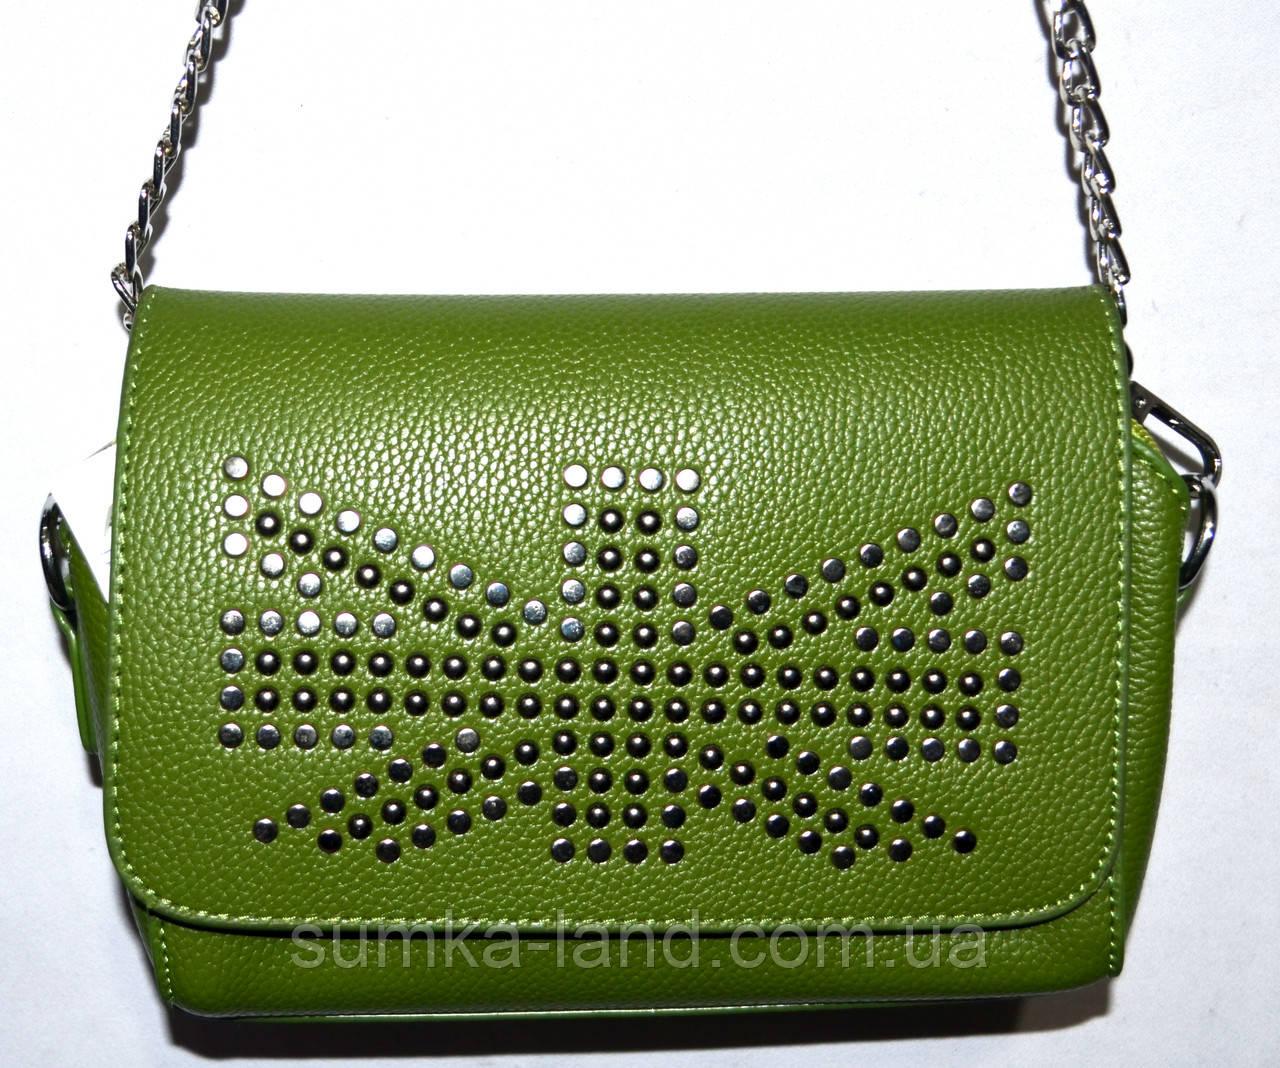 Женский стильный зеленый клатч на цепочке 20*12 см